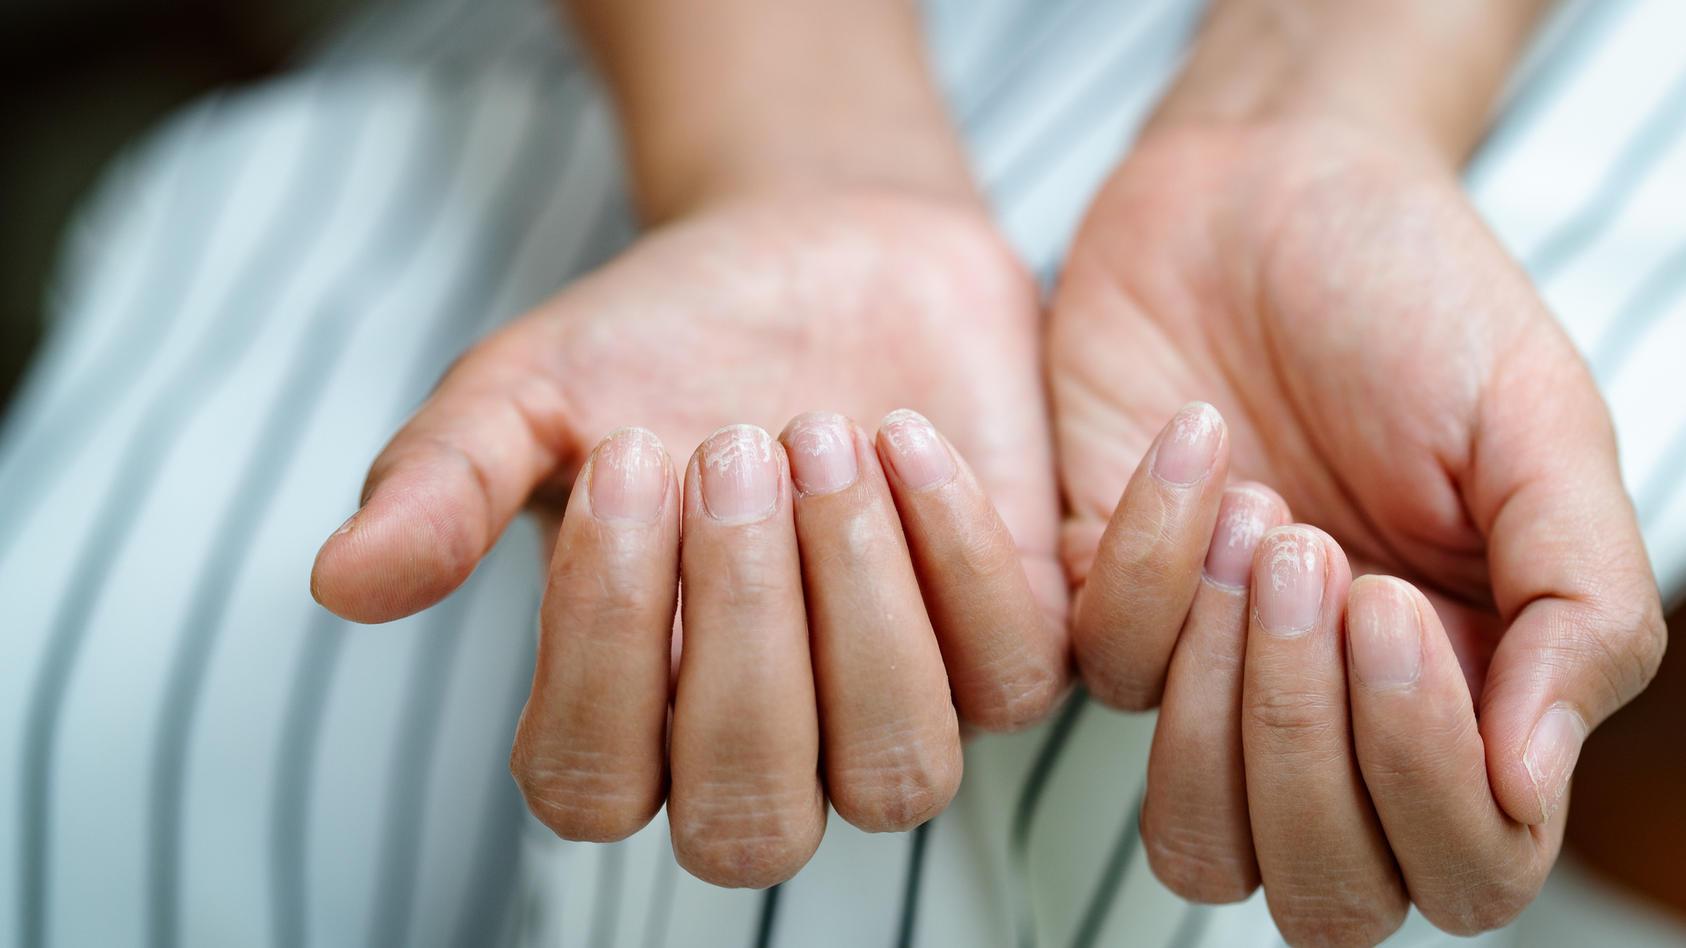 Veränderungen der Fingernagelform können auf eine Erkrankung hindeuten